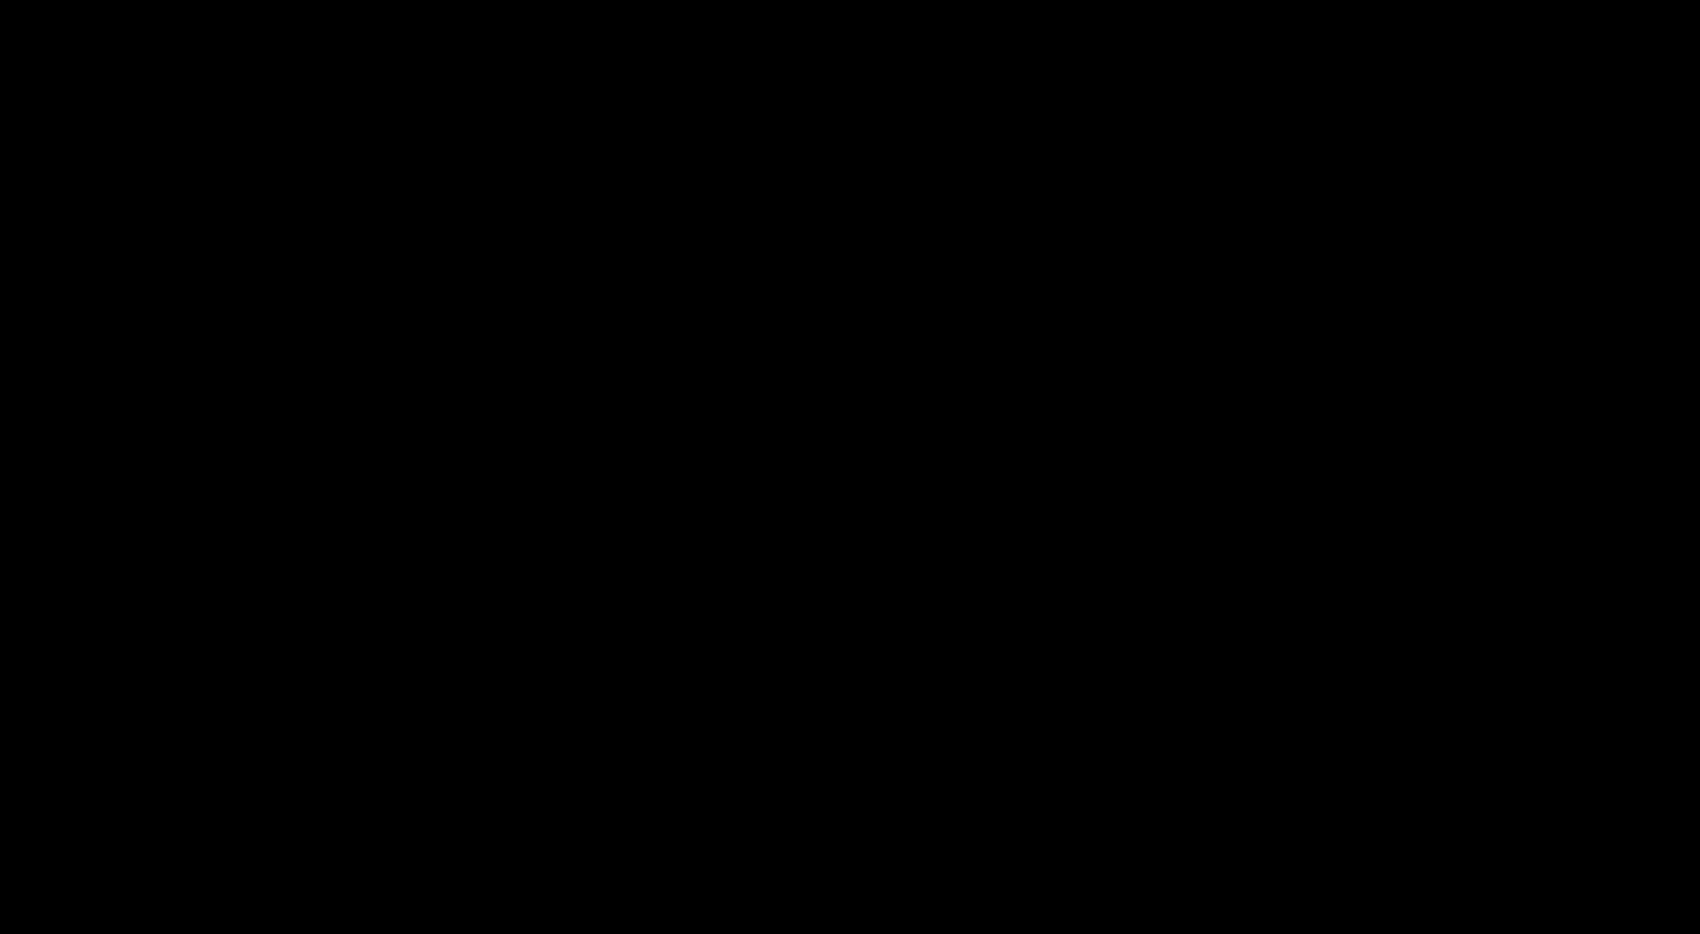 2-[[4-(3-Methoxypropoxy)-3-methylpyridine-2-yl]methylthio]-1H-benzoimidazole